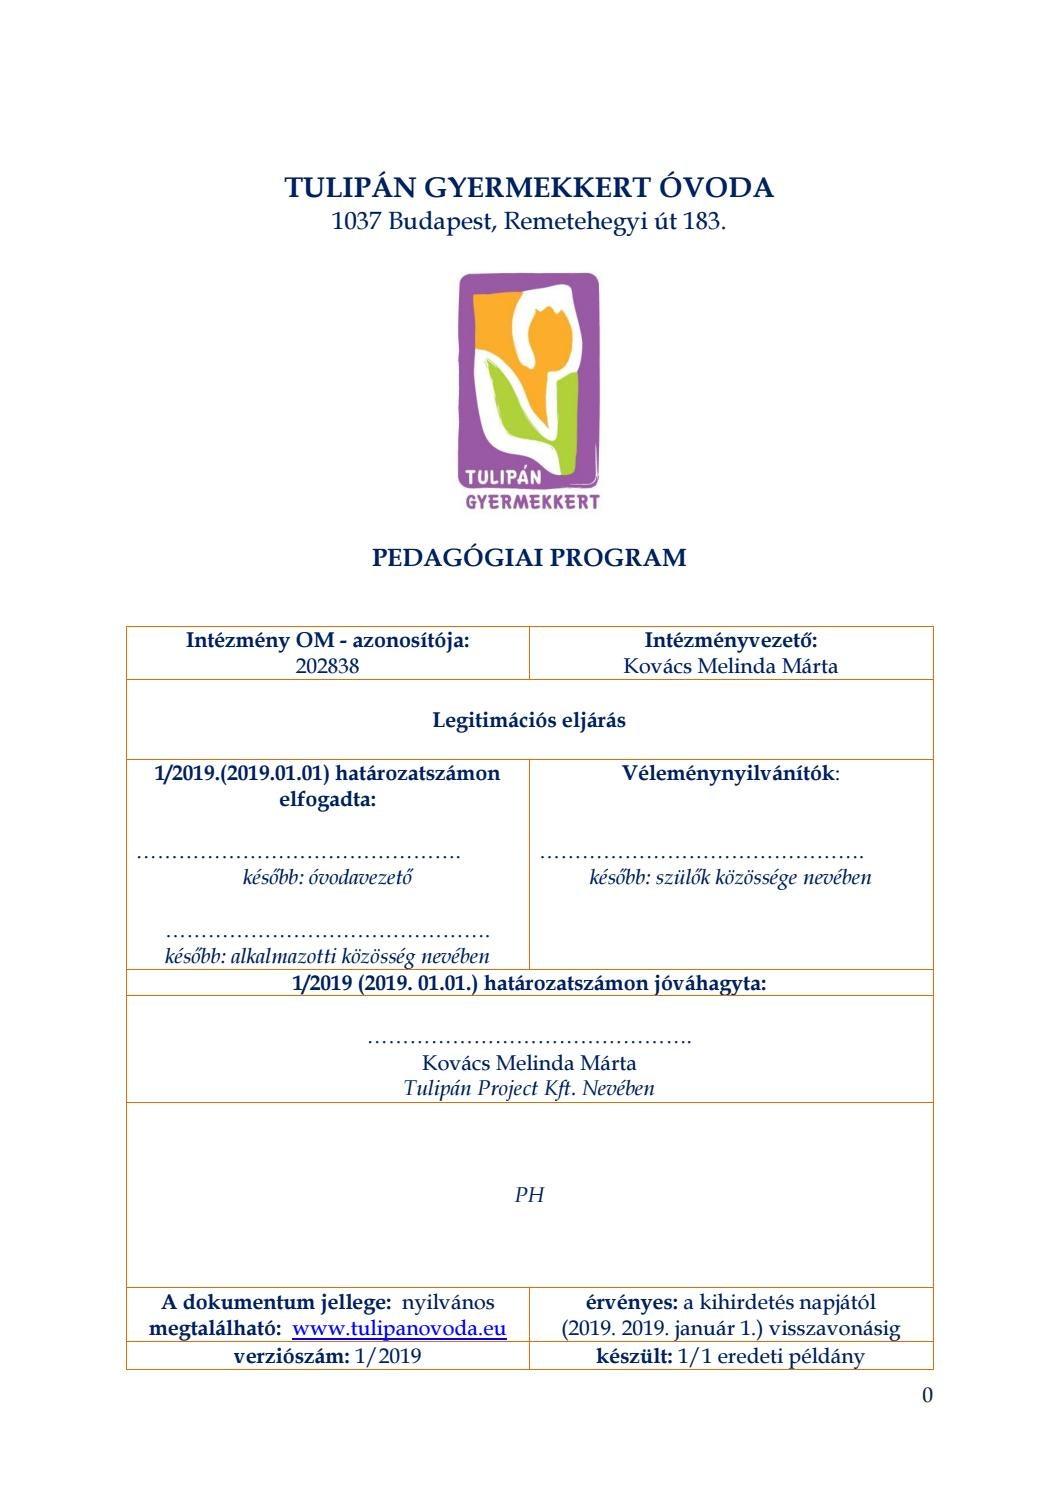 Ízületi injekcióterápia (hyaluron / kollagén) szakorvosi vizsgálattal